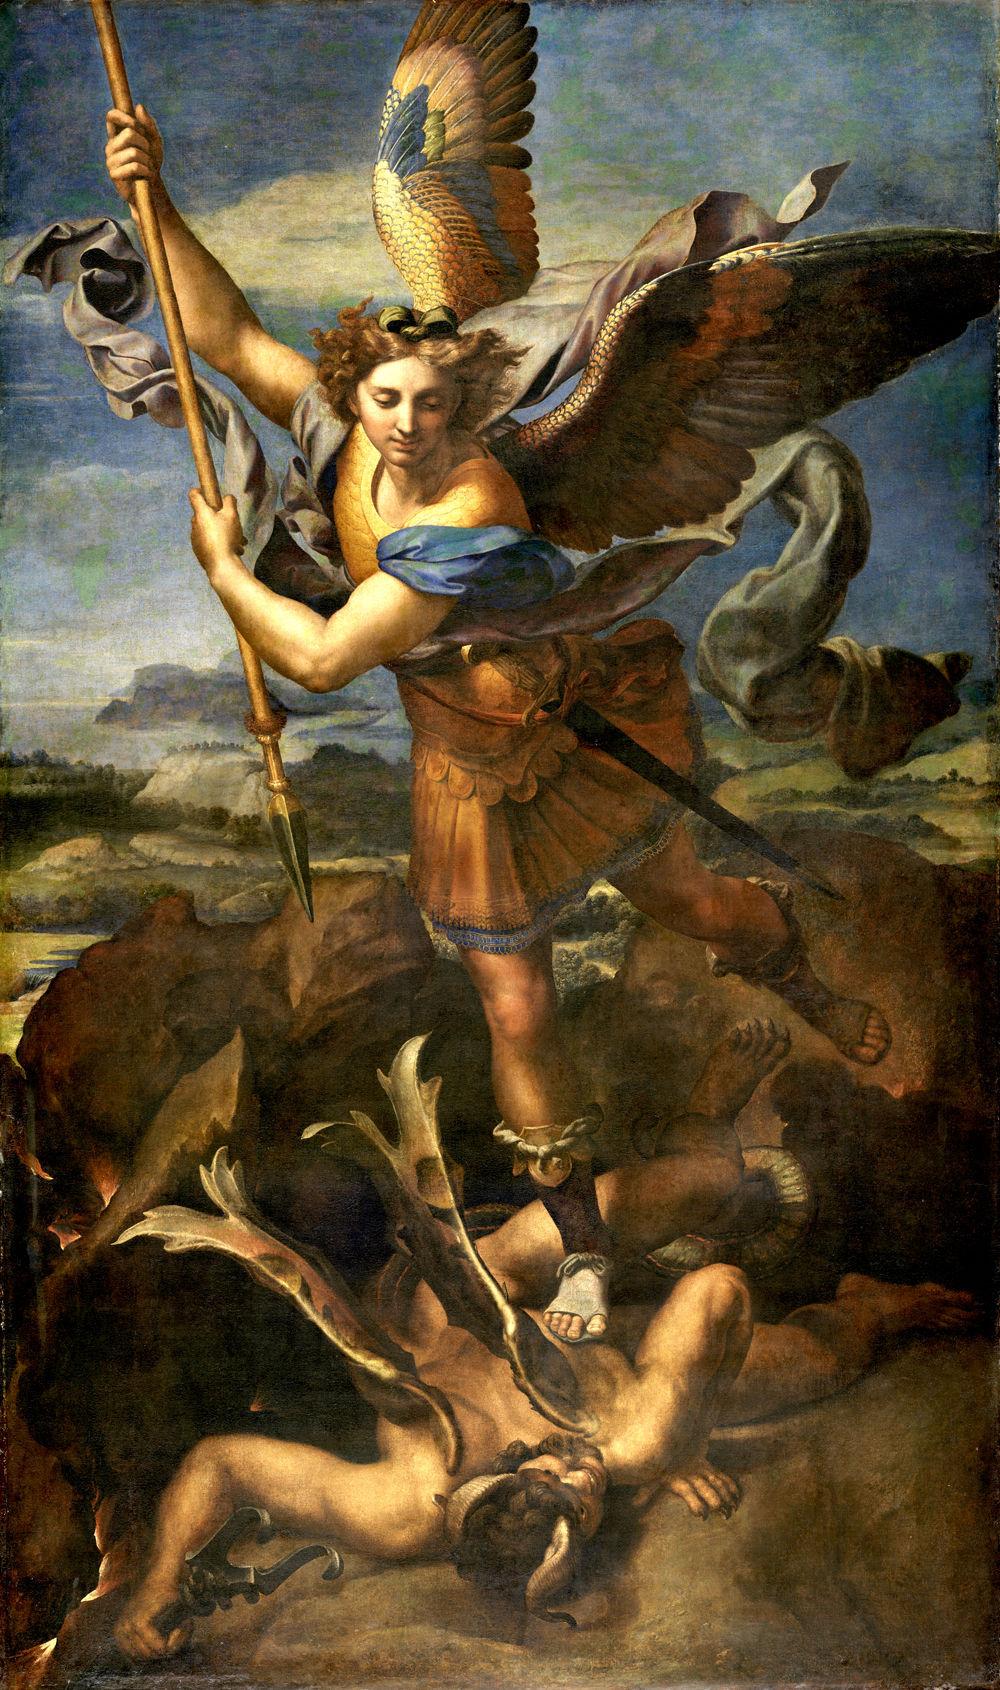 La Fiesta del Arcángel San Miguel (29 de Septiembre)